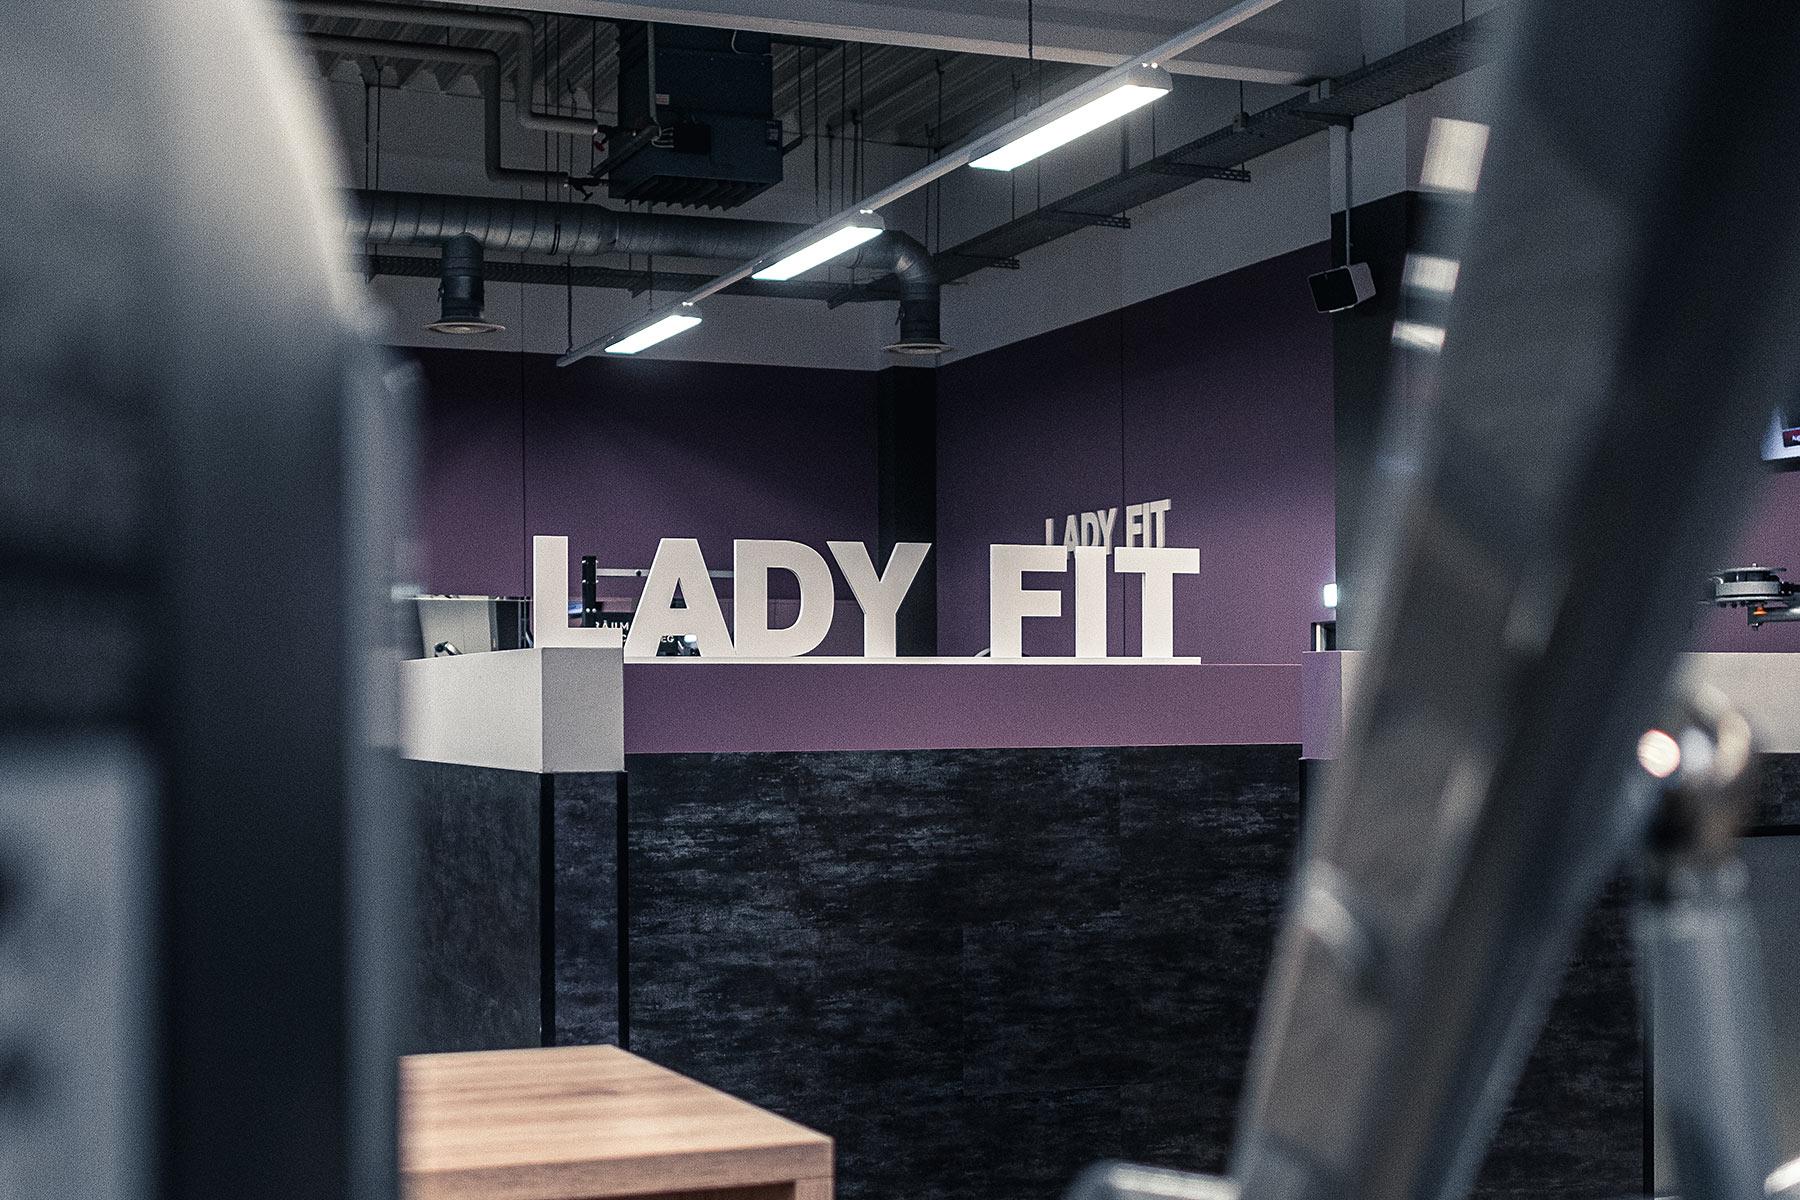 ladyfitness fitness gym